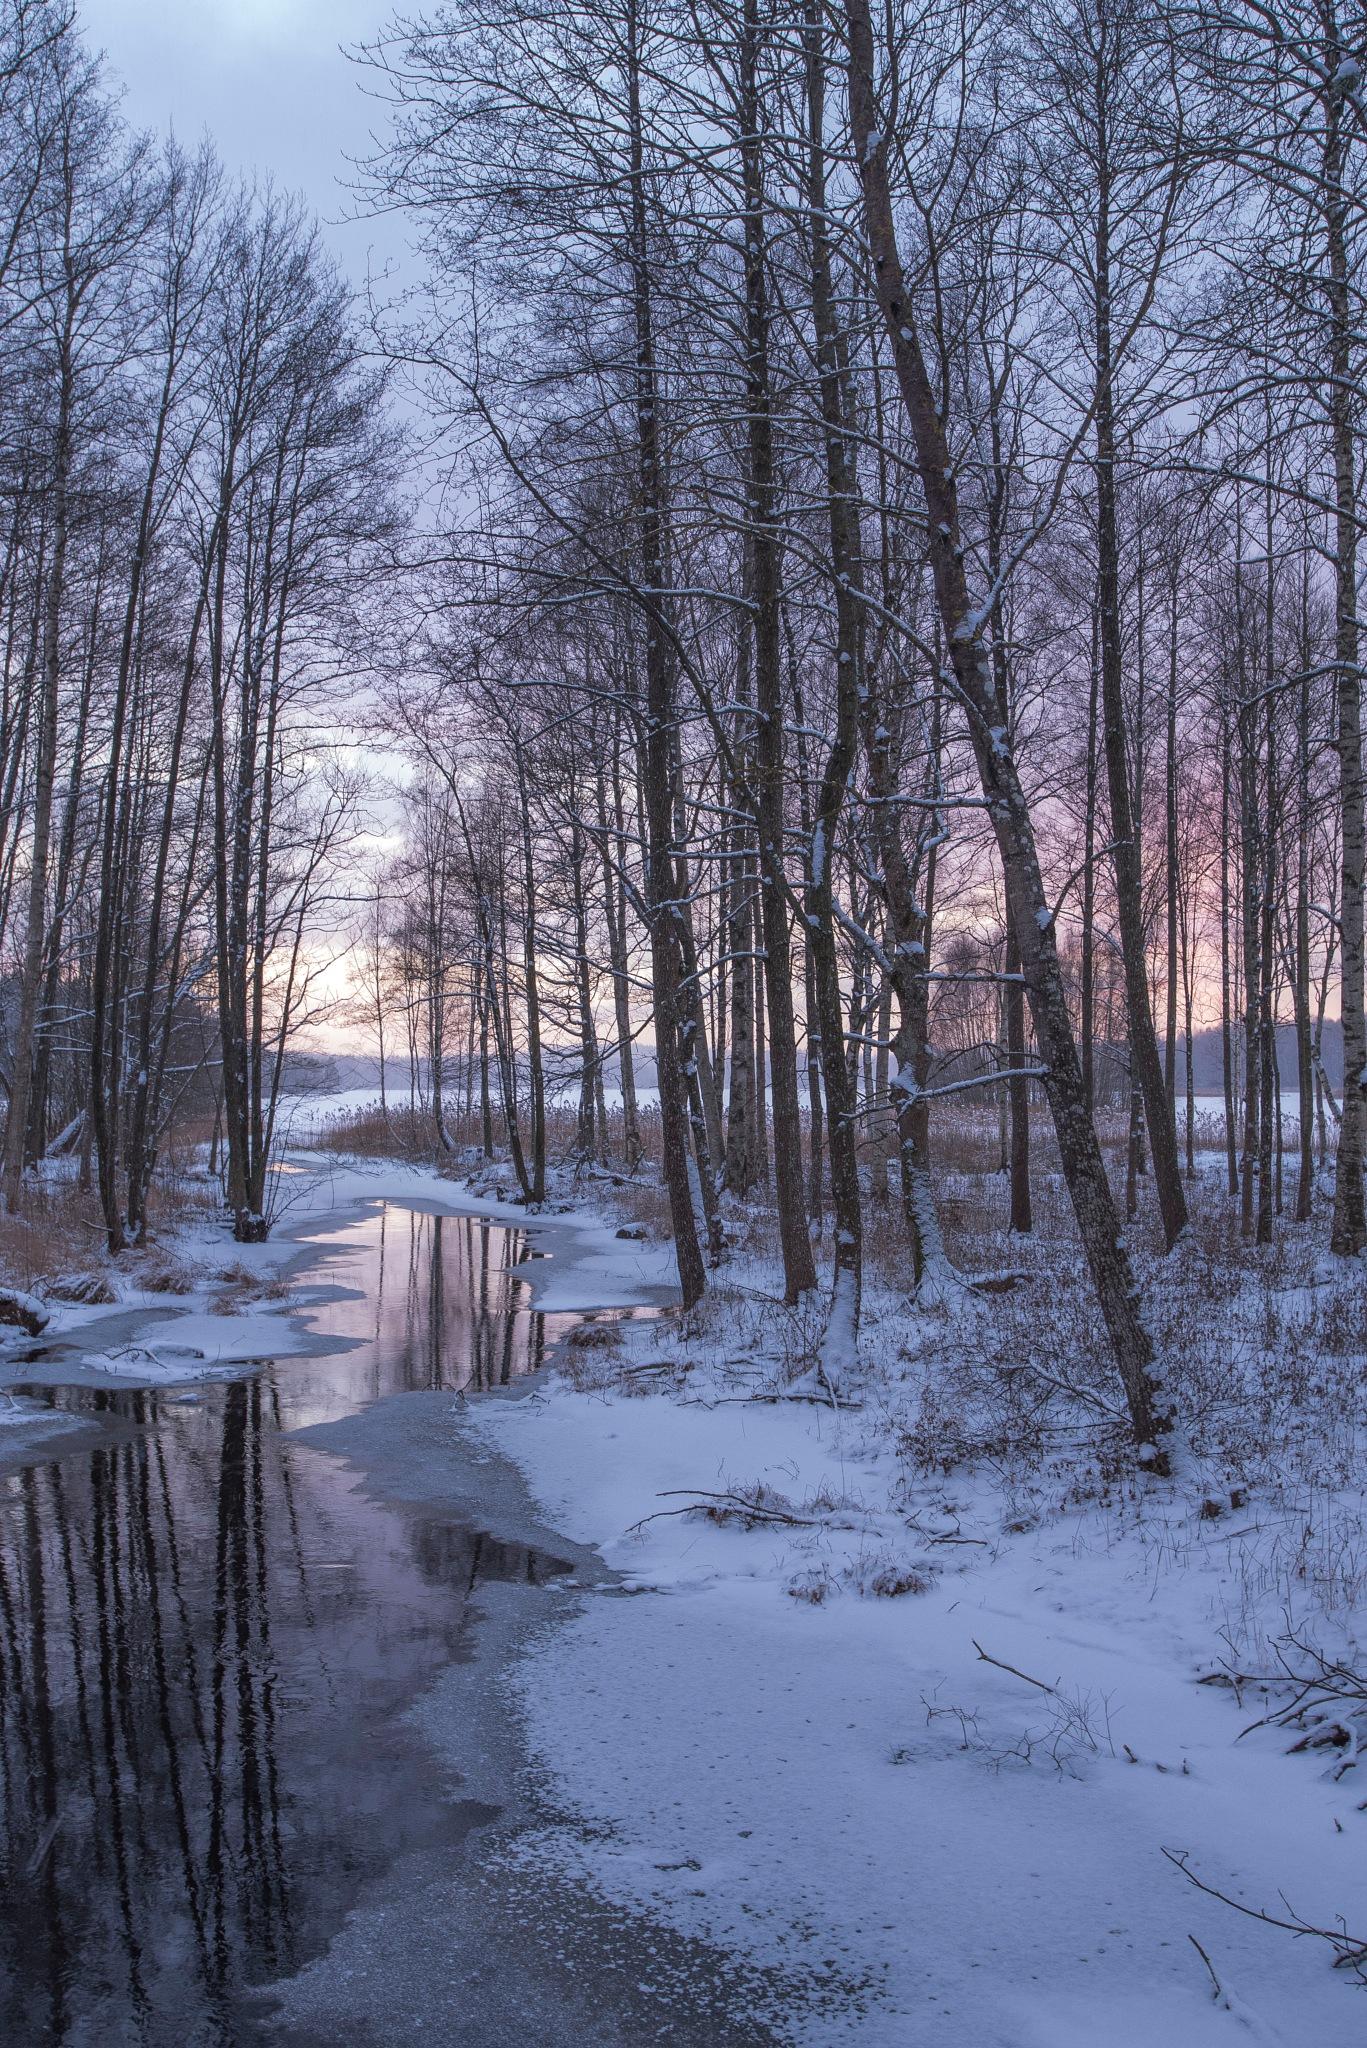 Cold but varm by Ninja-Li Einarsen Stahre